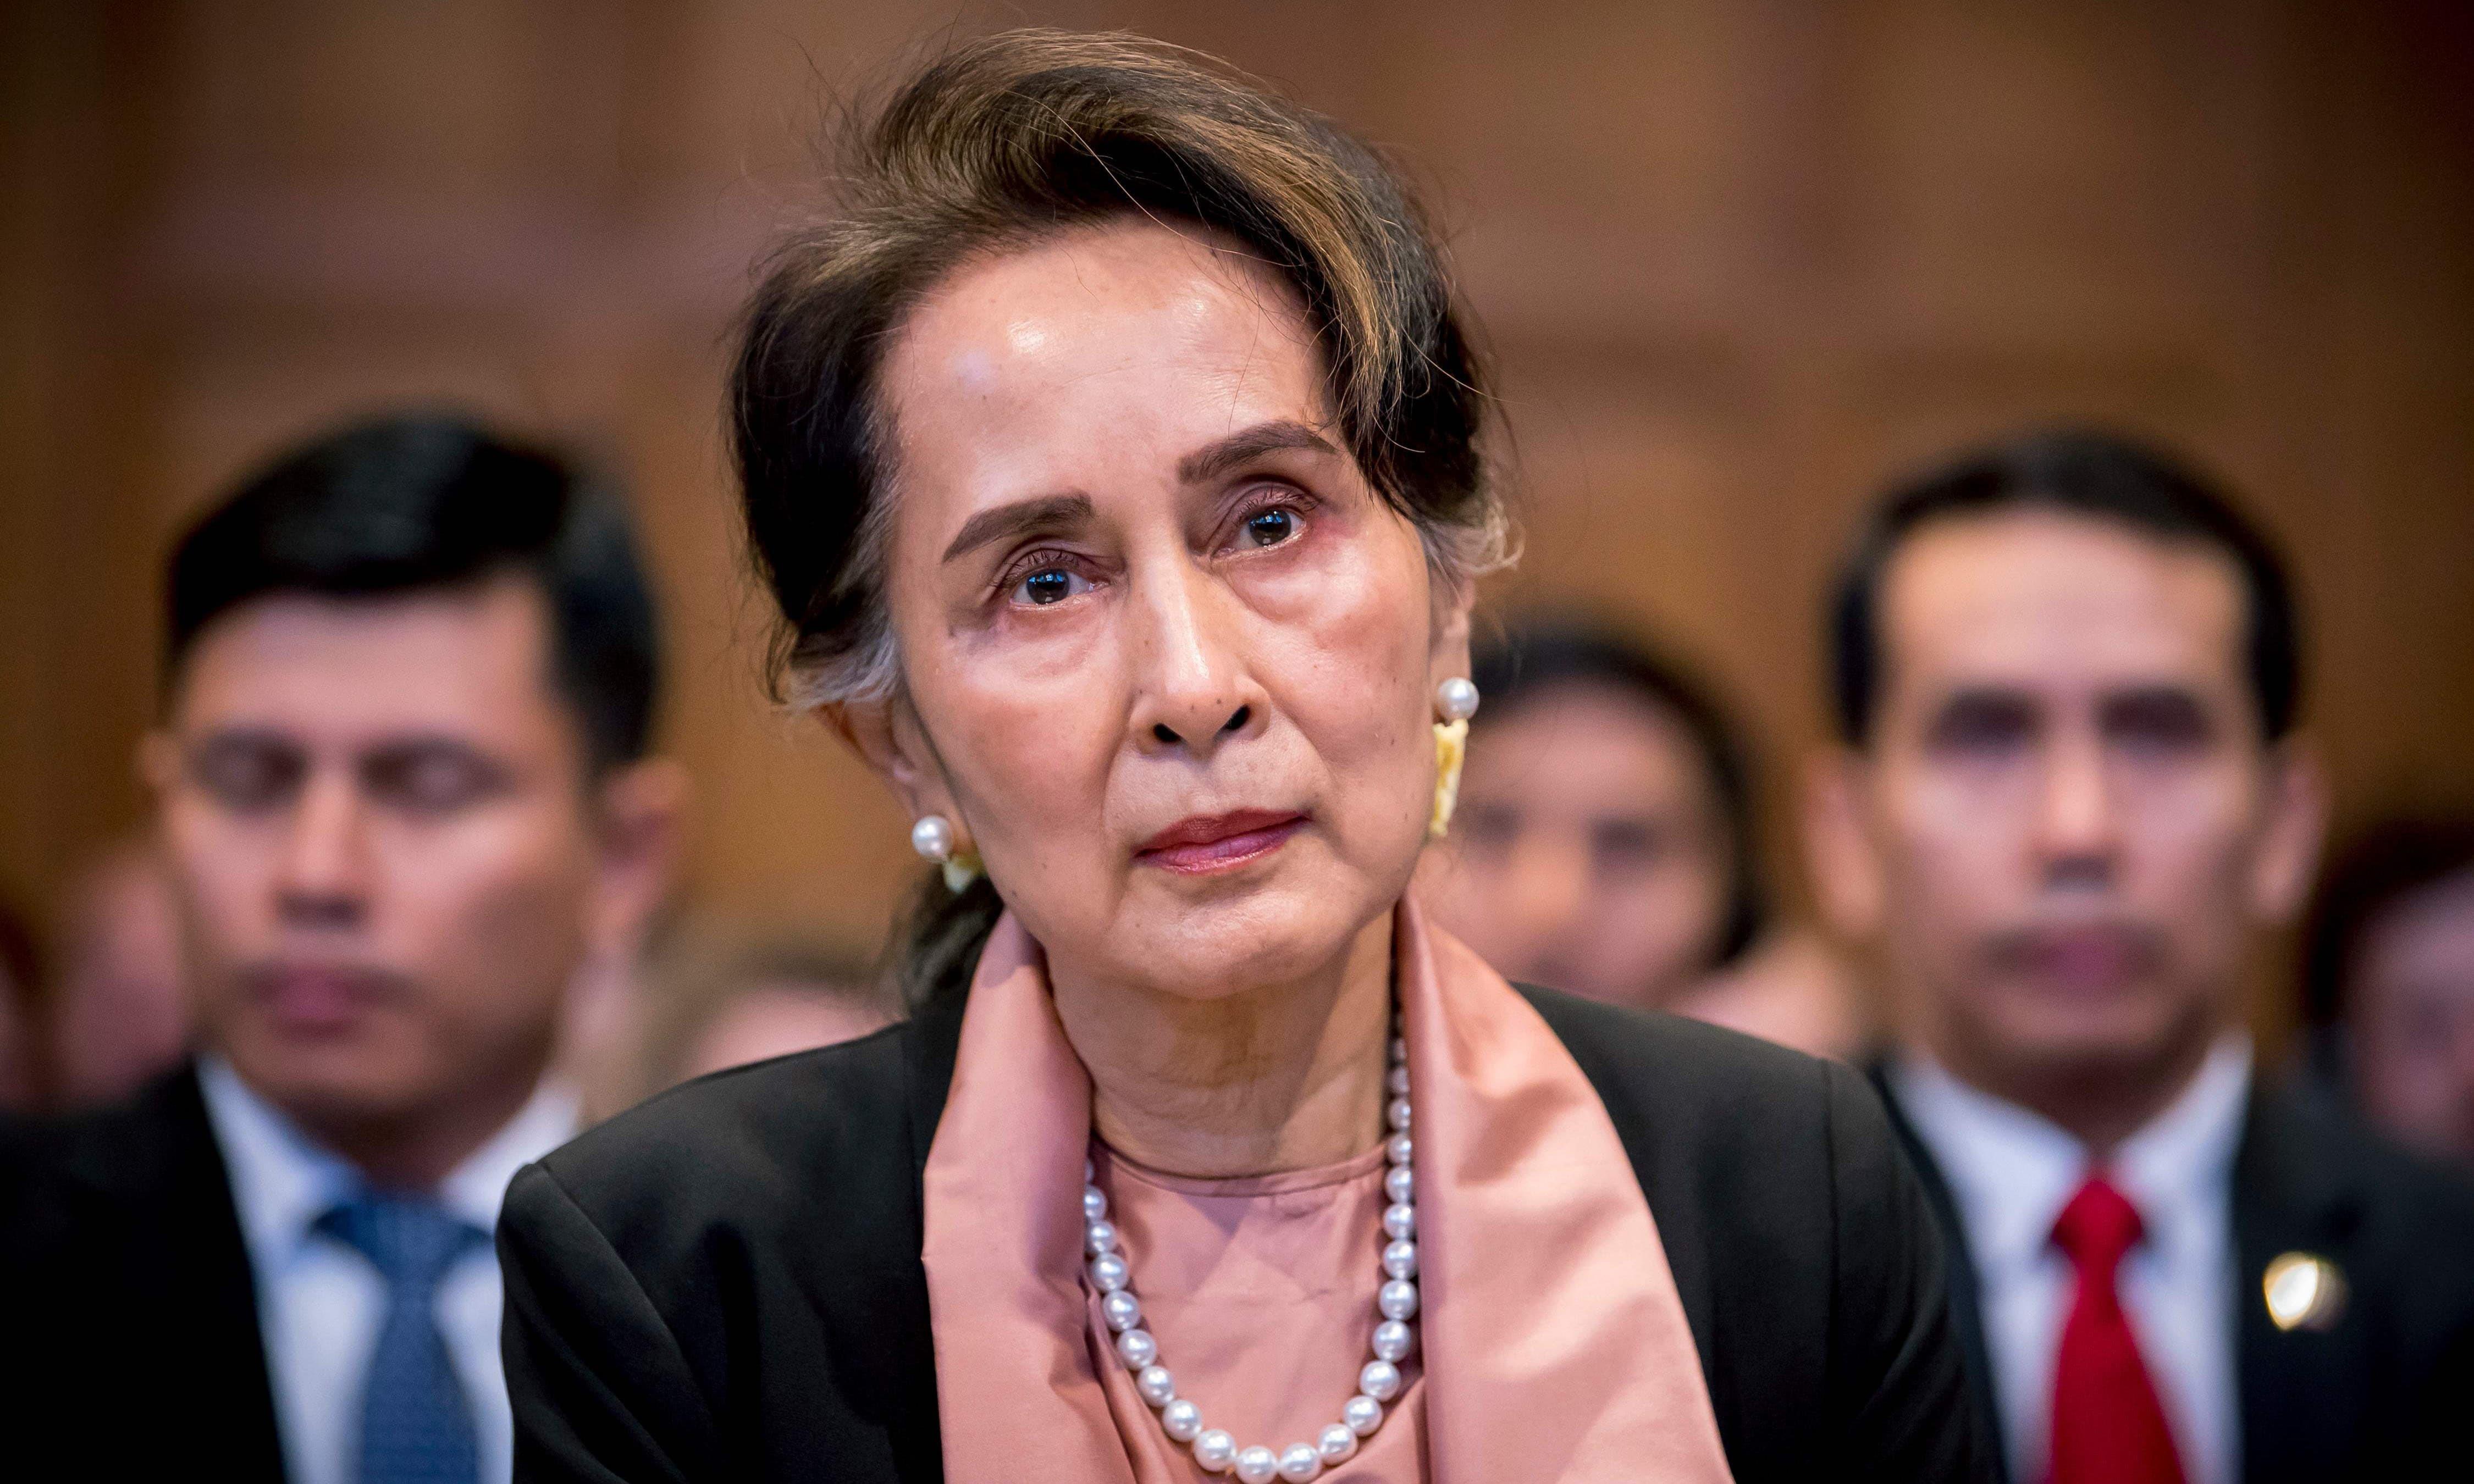 آنگ سان سو چی میانمار کے صدر ون مائنٹ، دیگر این ایل ڈی رہنماؤں کو صبح سویرے حراست میں لیا گیا، منتخب جماعت کے ترجمان میو نیونٹ - فائل فوٹو:اے ایف پی